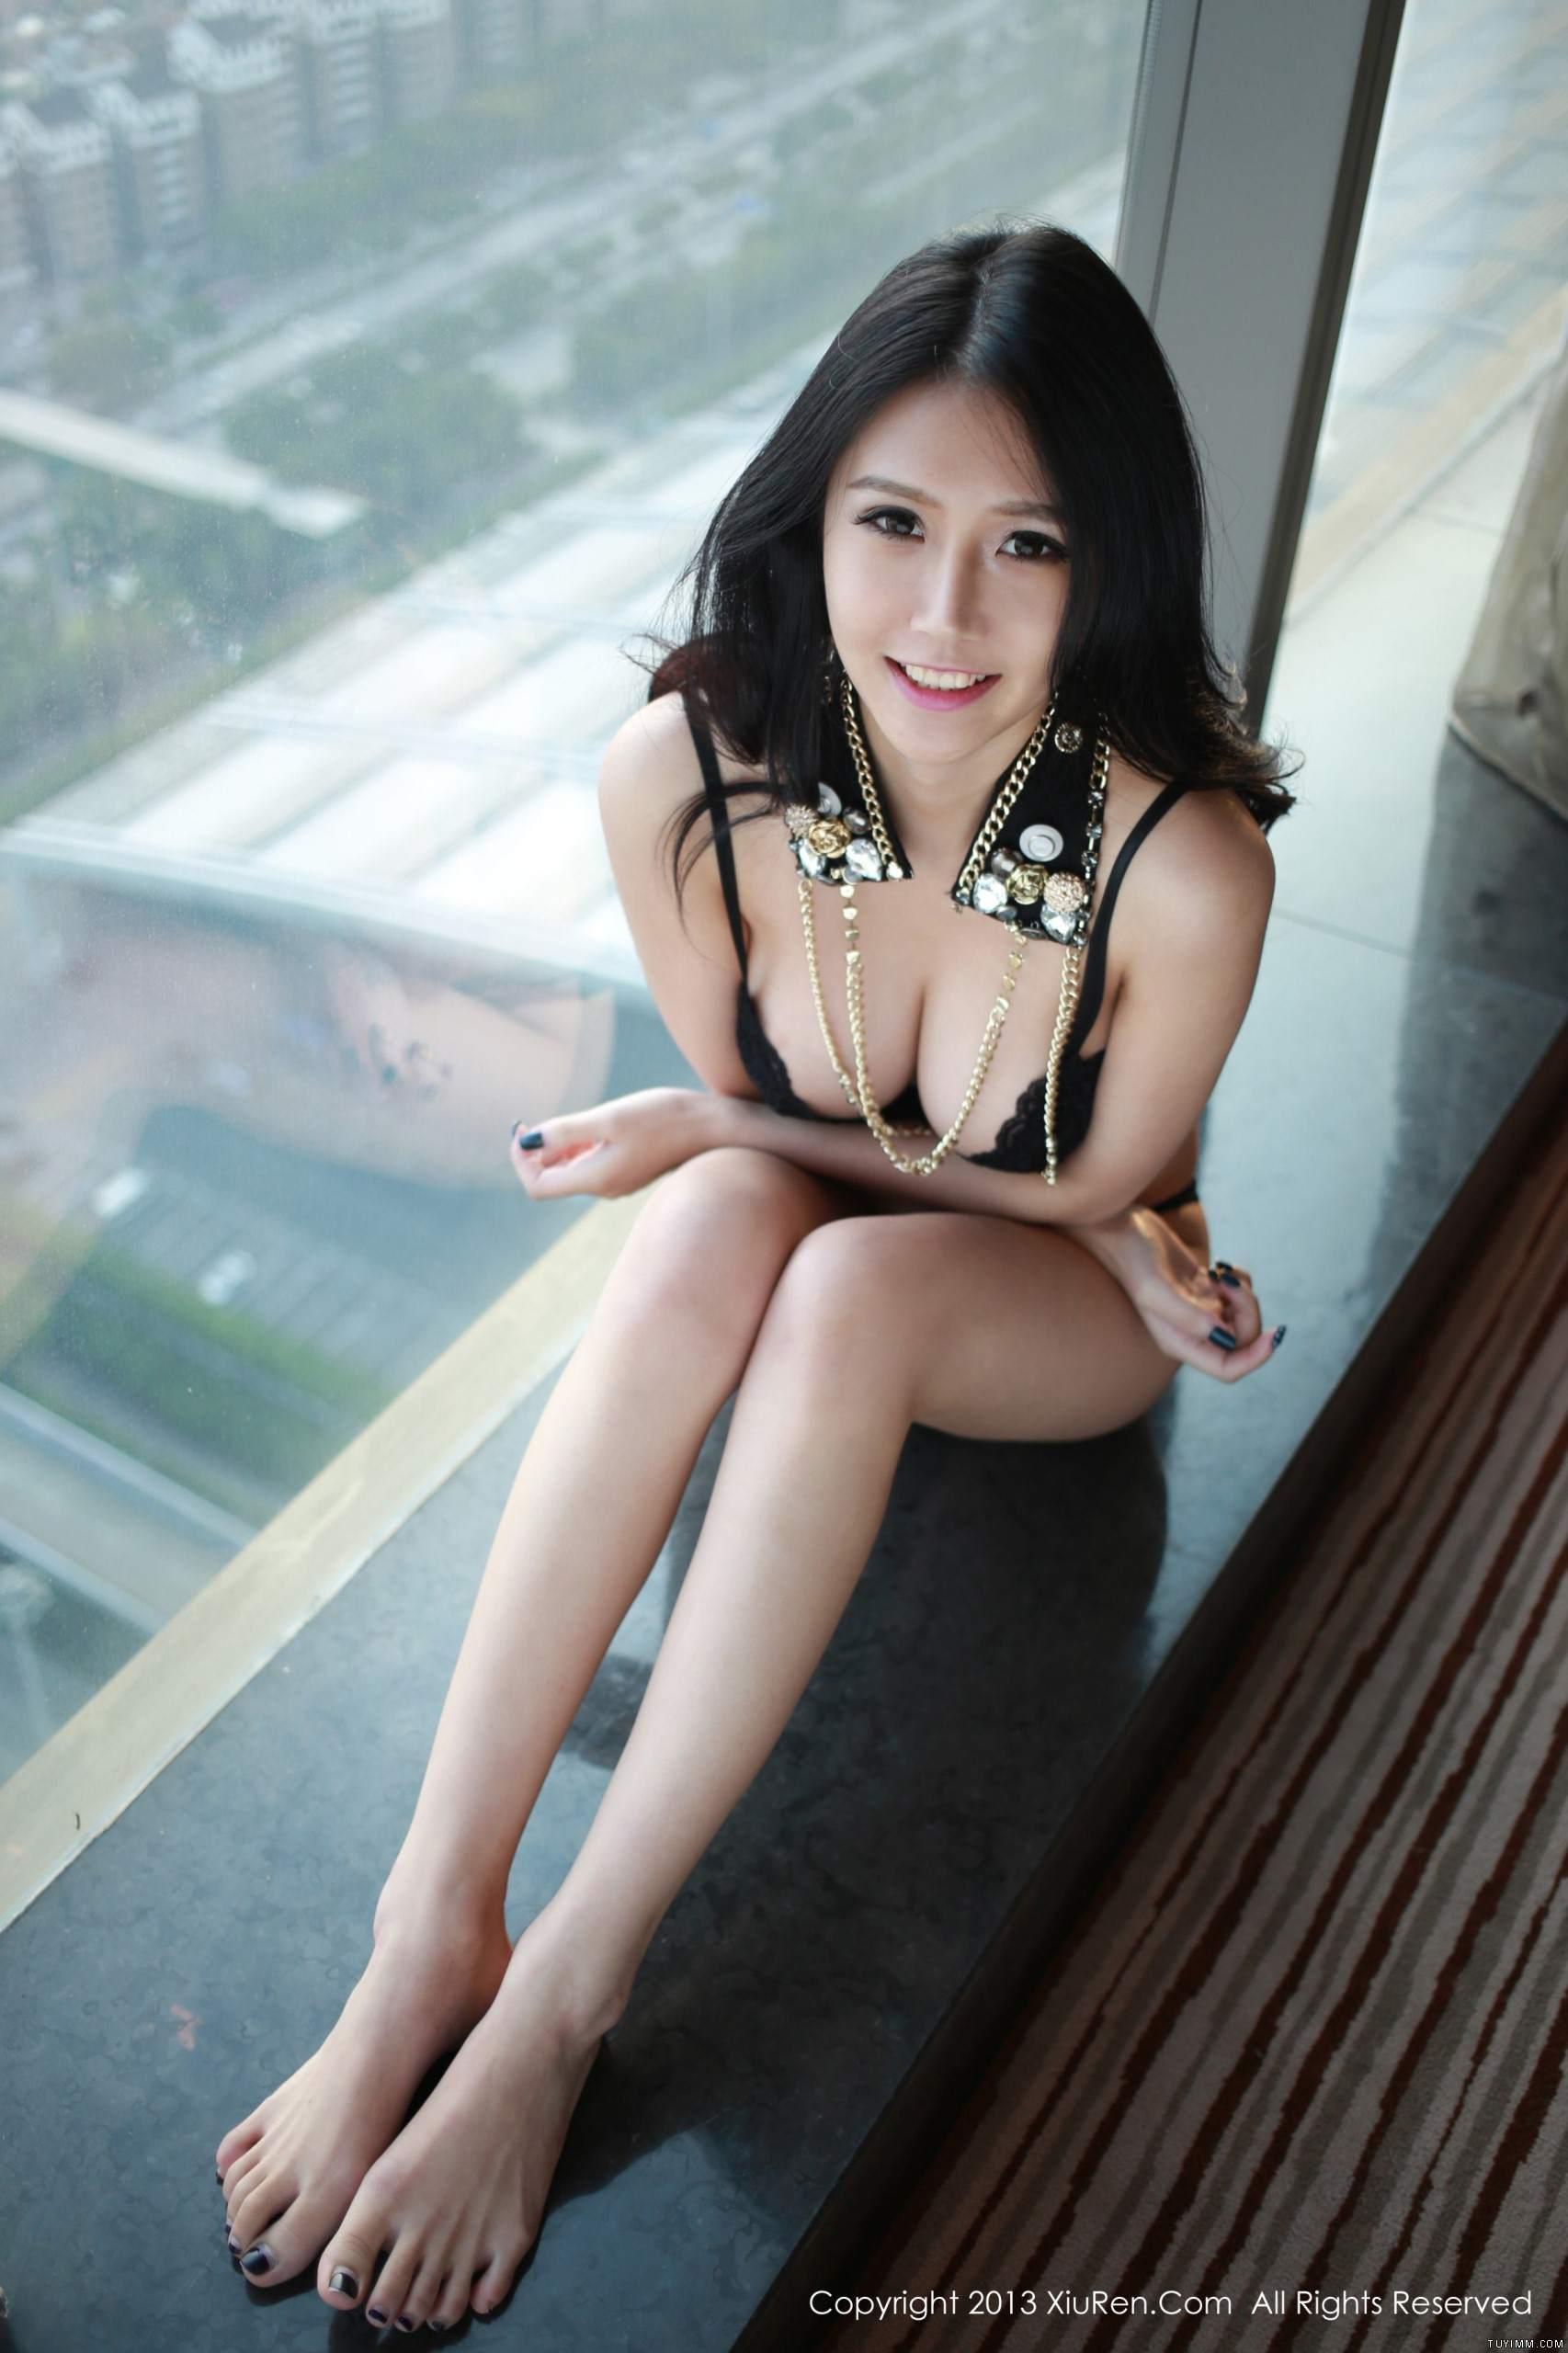 [福利]廊坊模特合集の小刀娱乐网-第18张图片-哔哔娱乐网